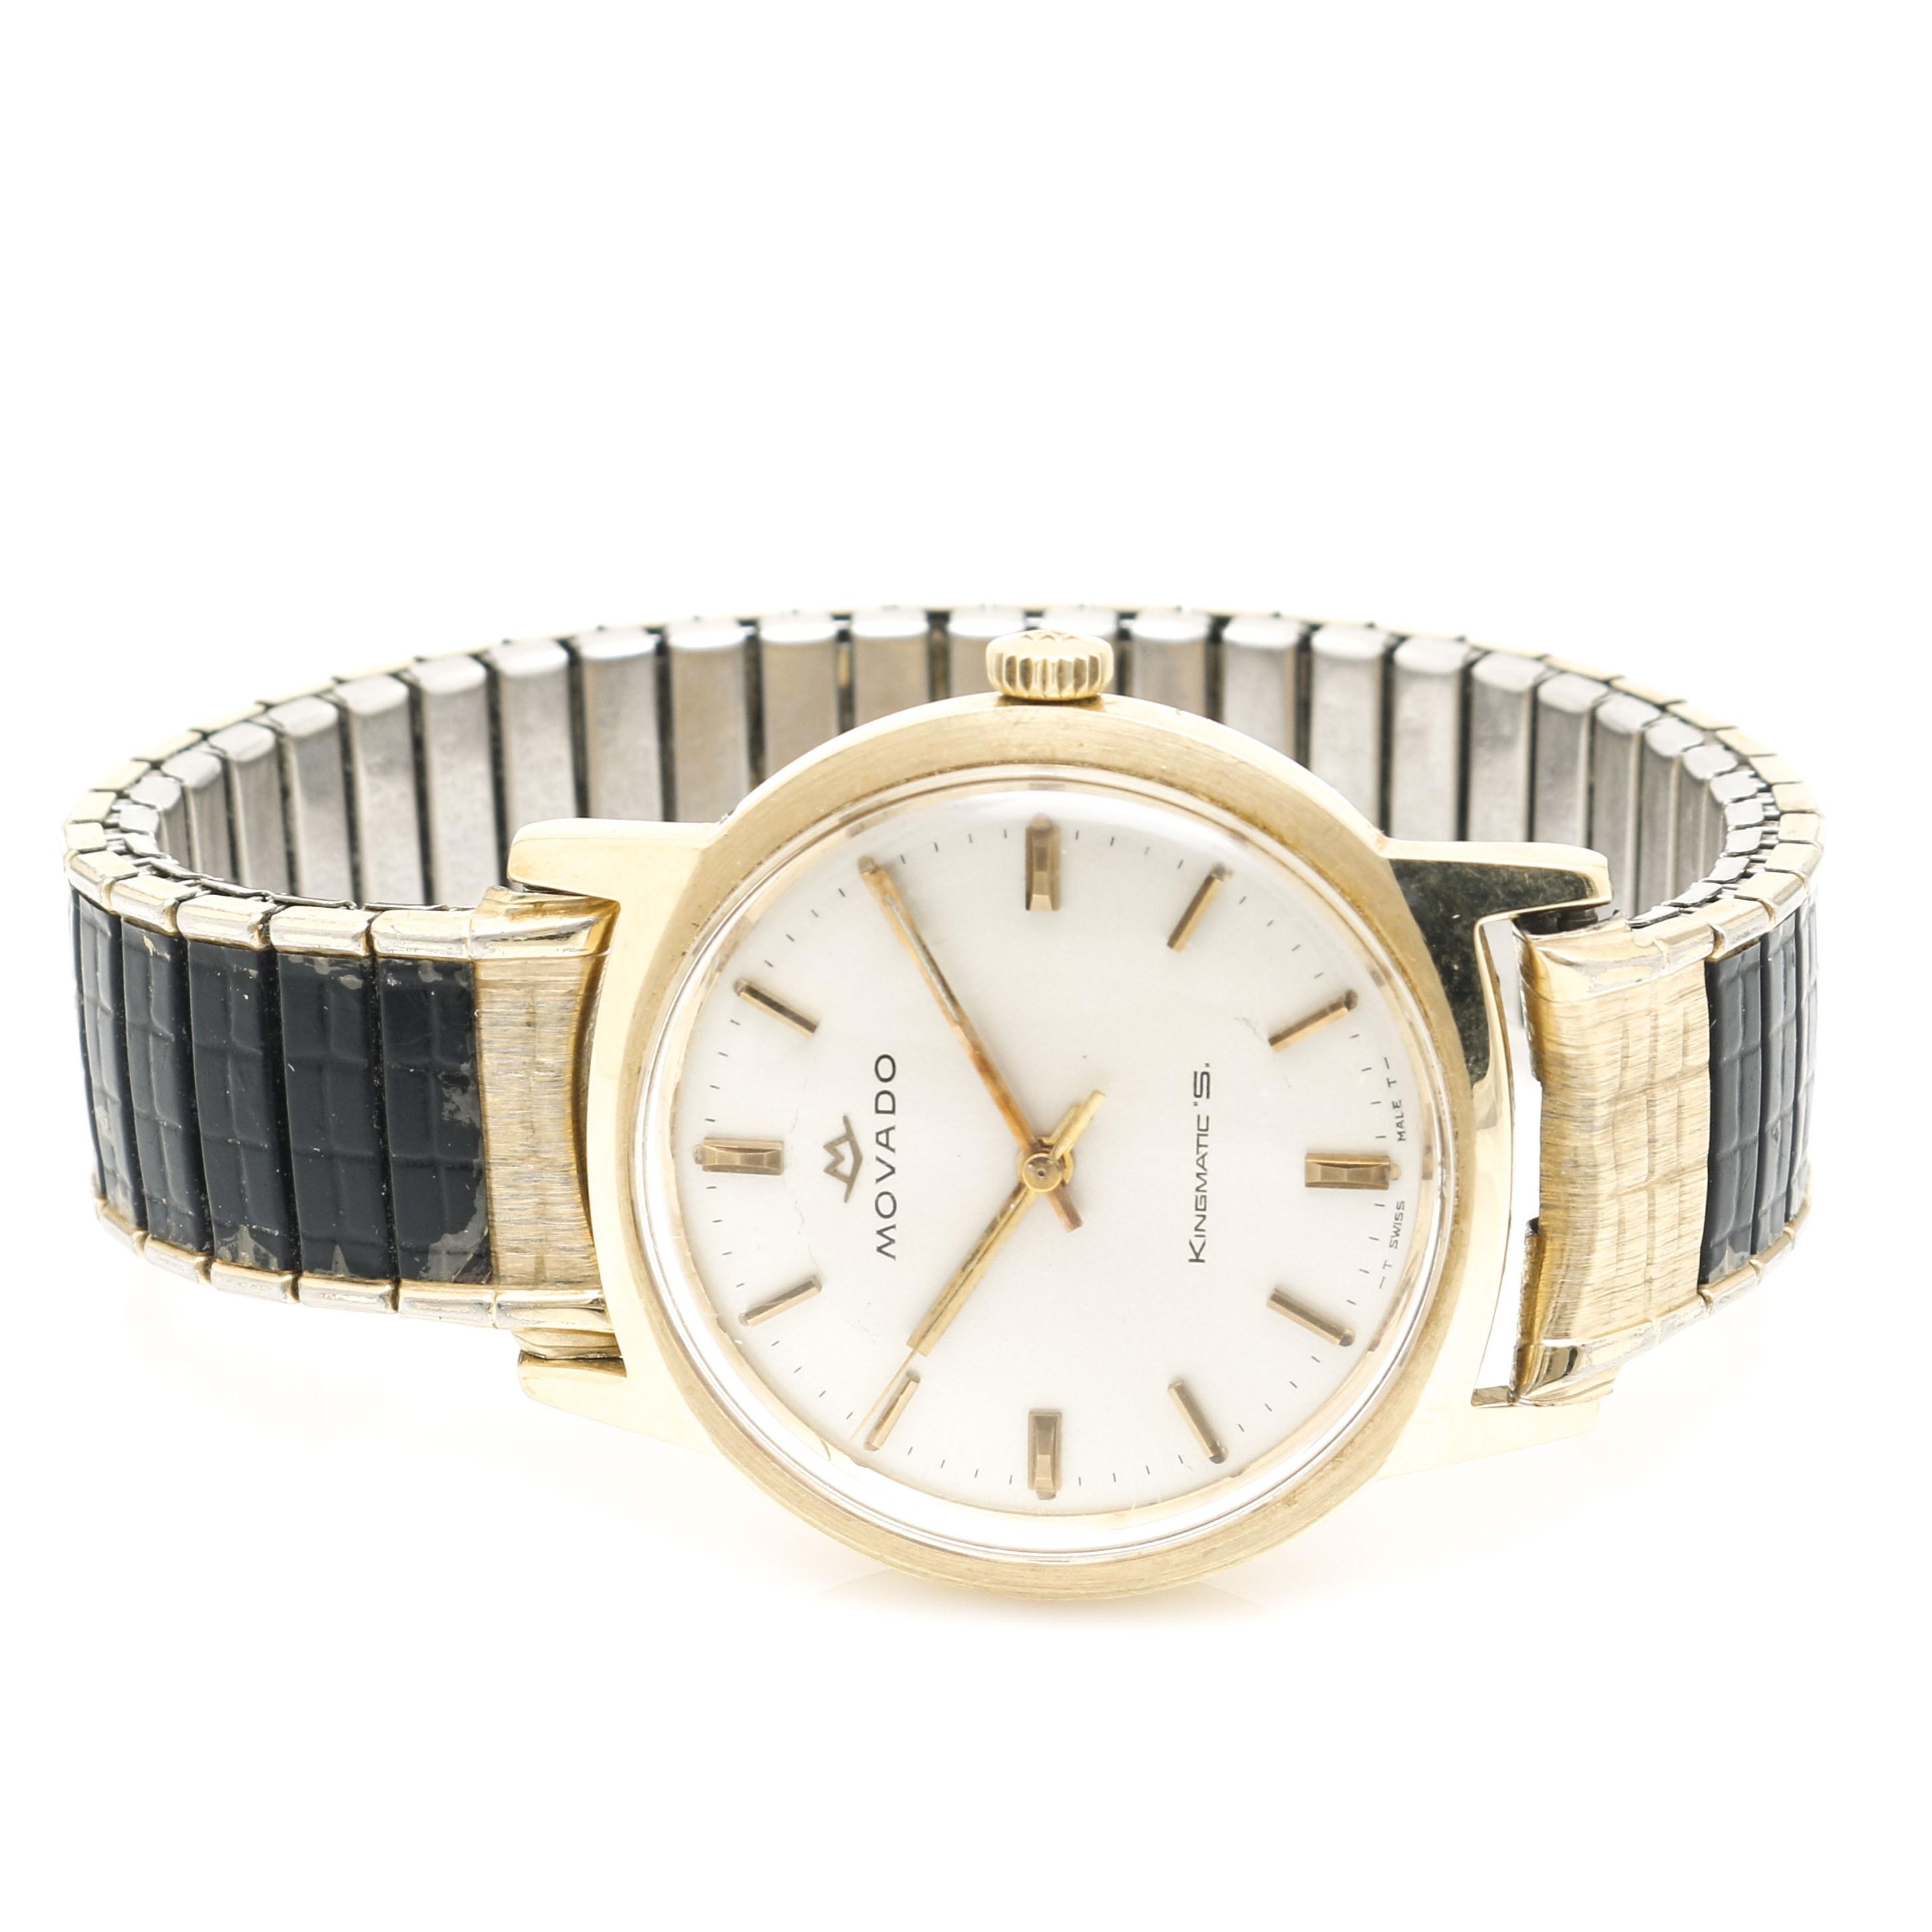 14K Yellow Gold Movado Kingsmatic's Wristwatch